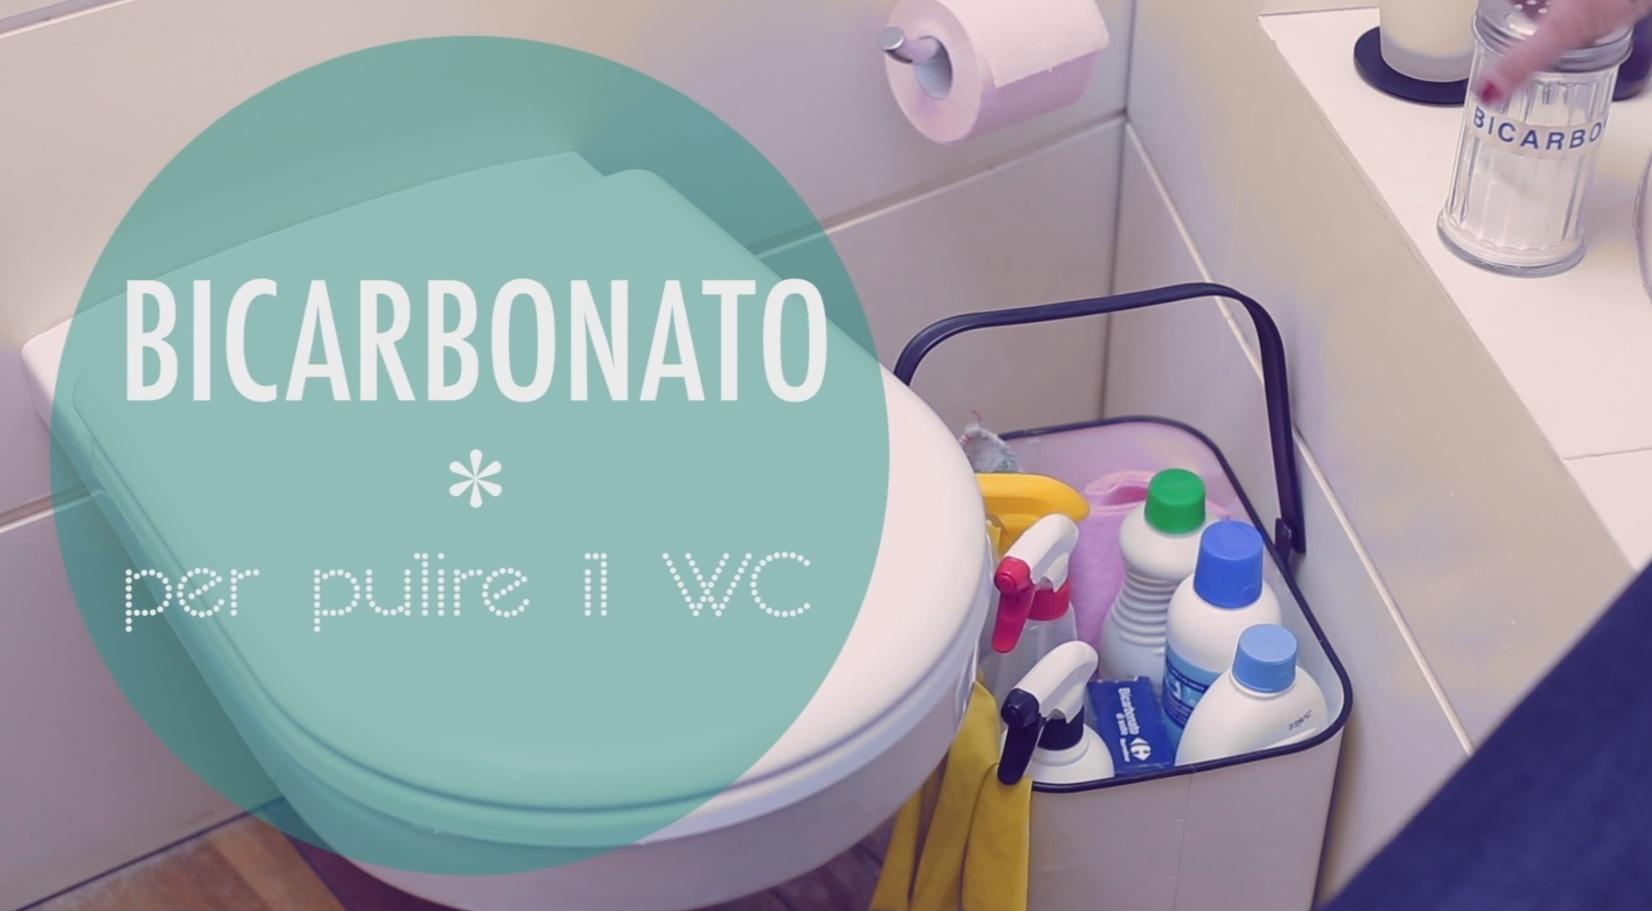 Come pulire il water soluzioni di casa - Pulire bagno bicarbonato ...